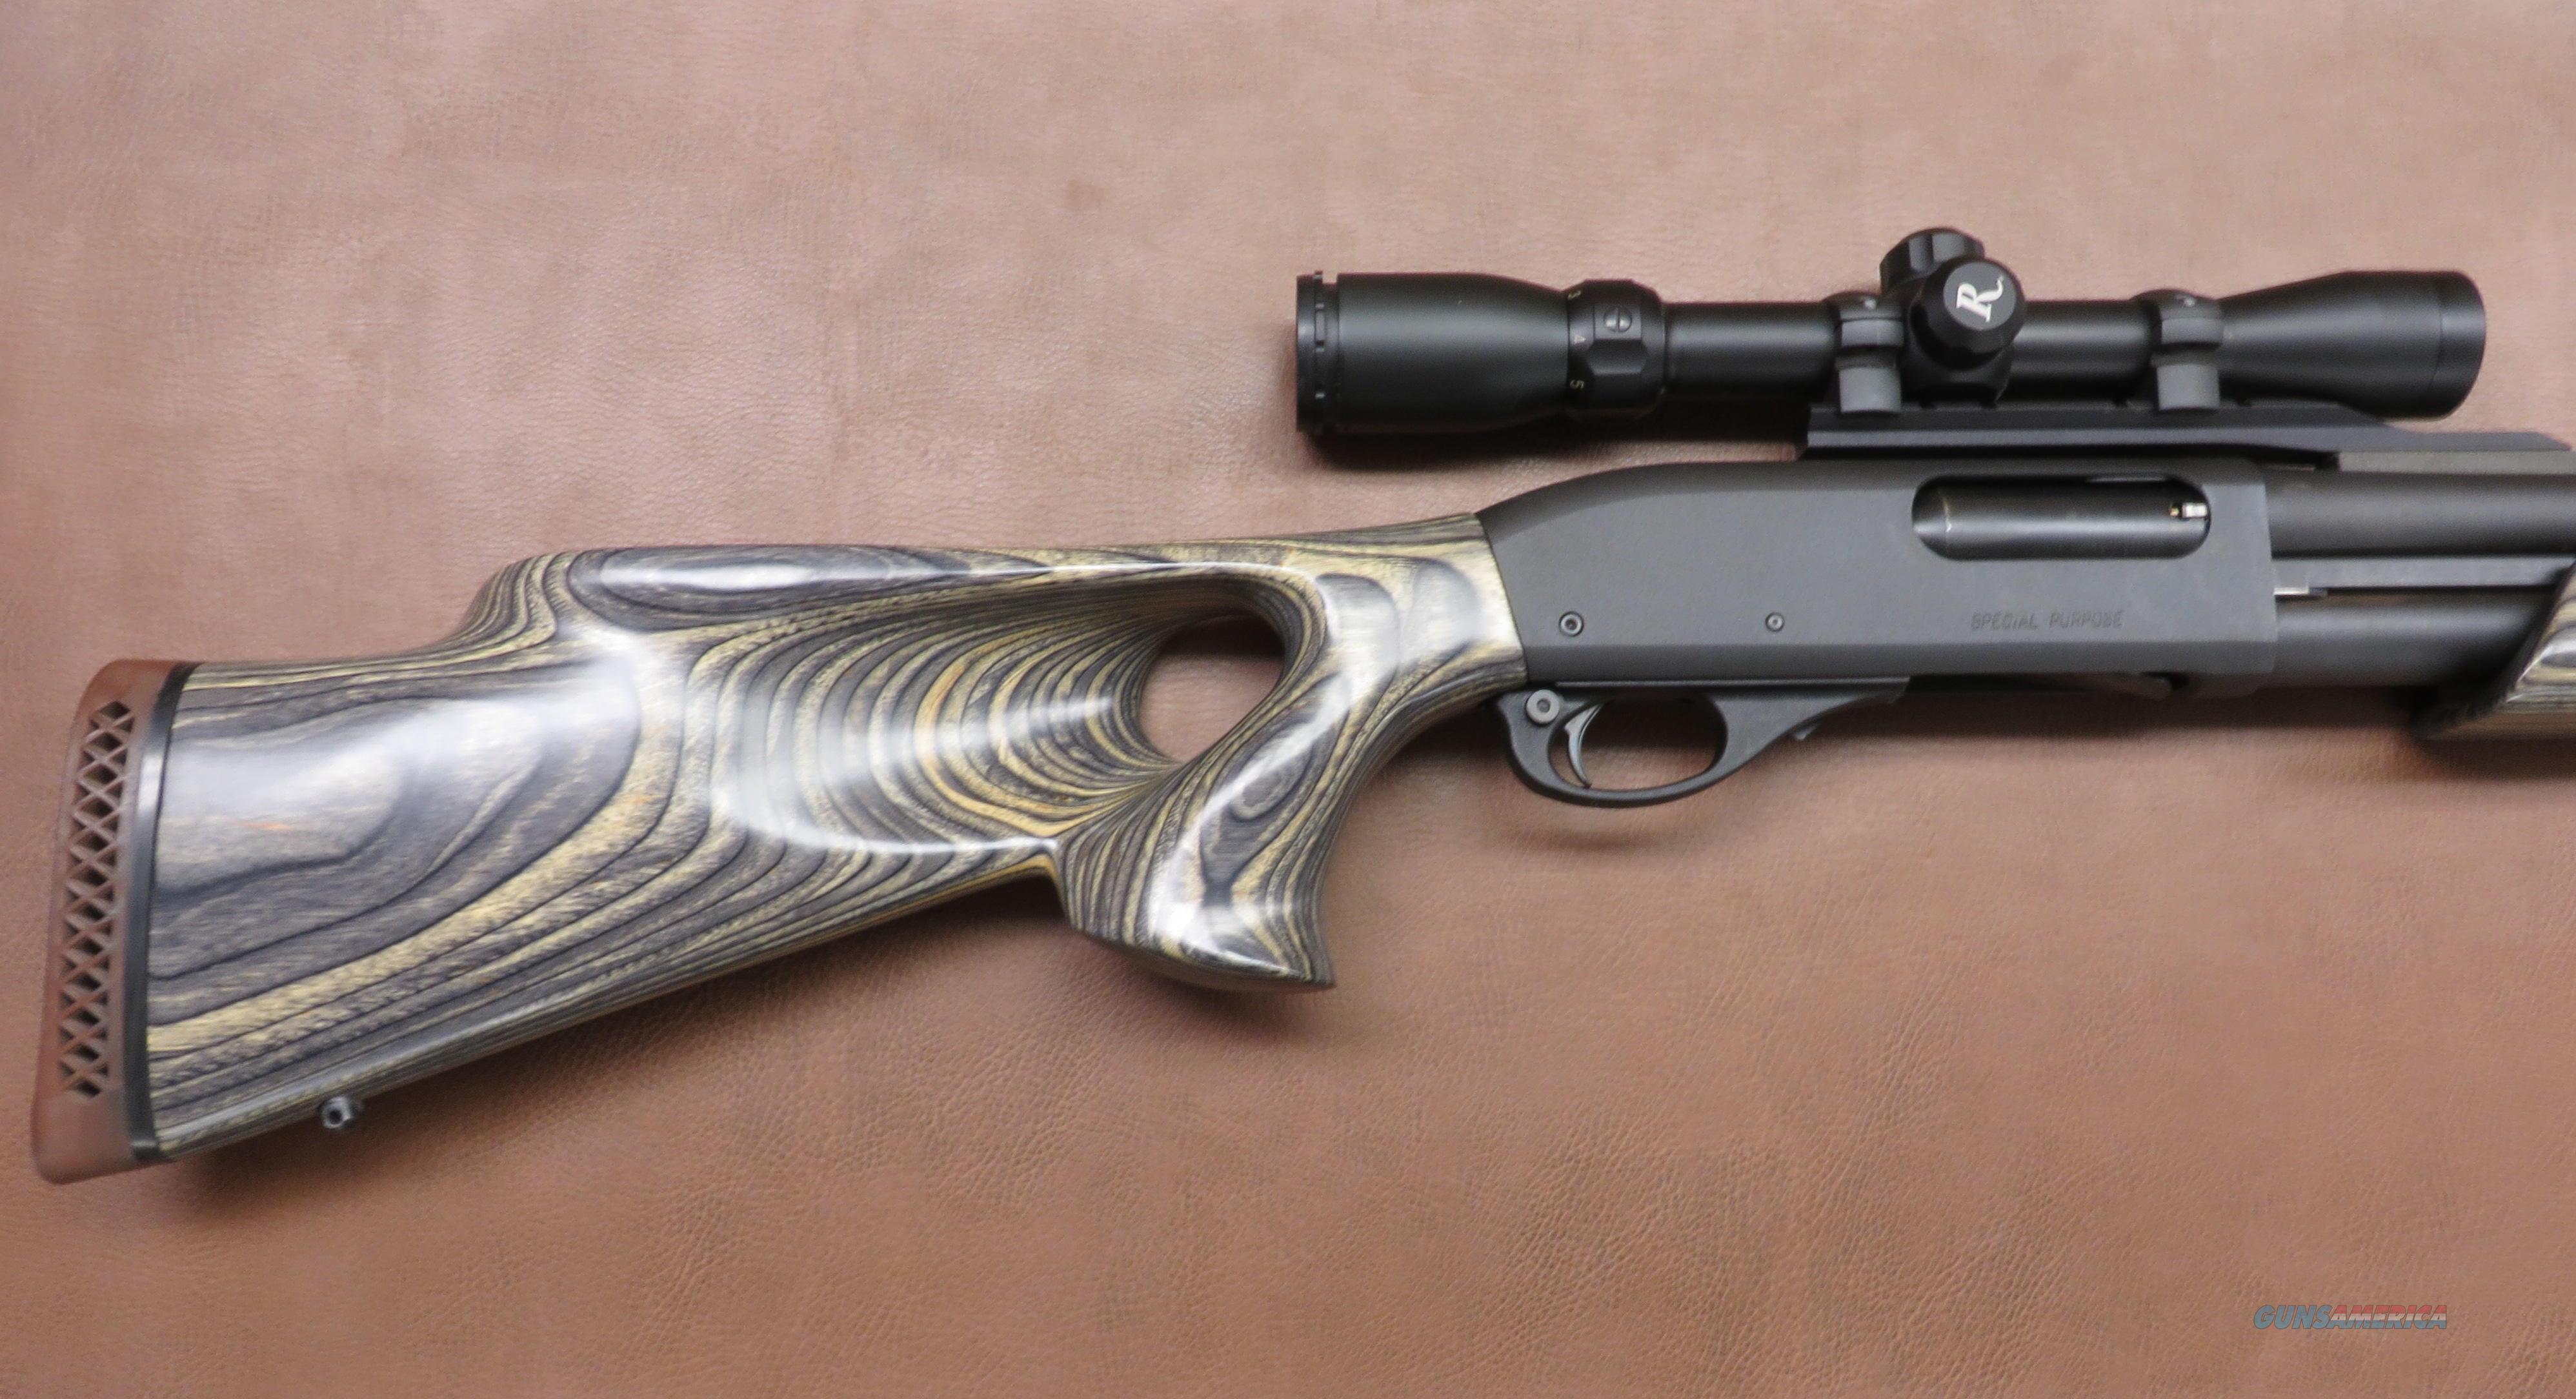 Remington Model 870 Special Purpose Deer Gun for sale